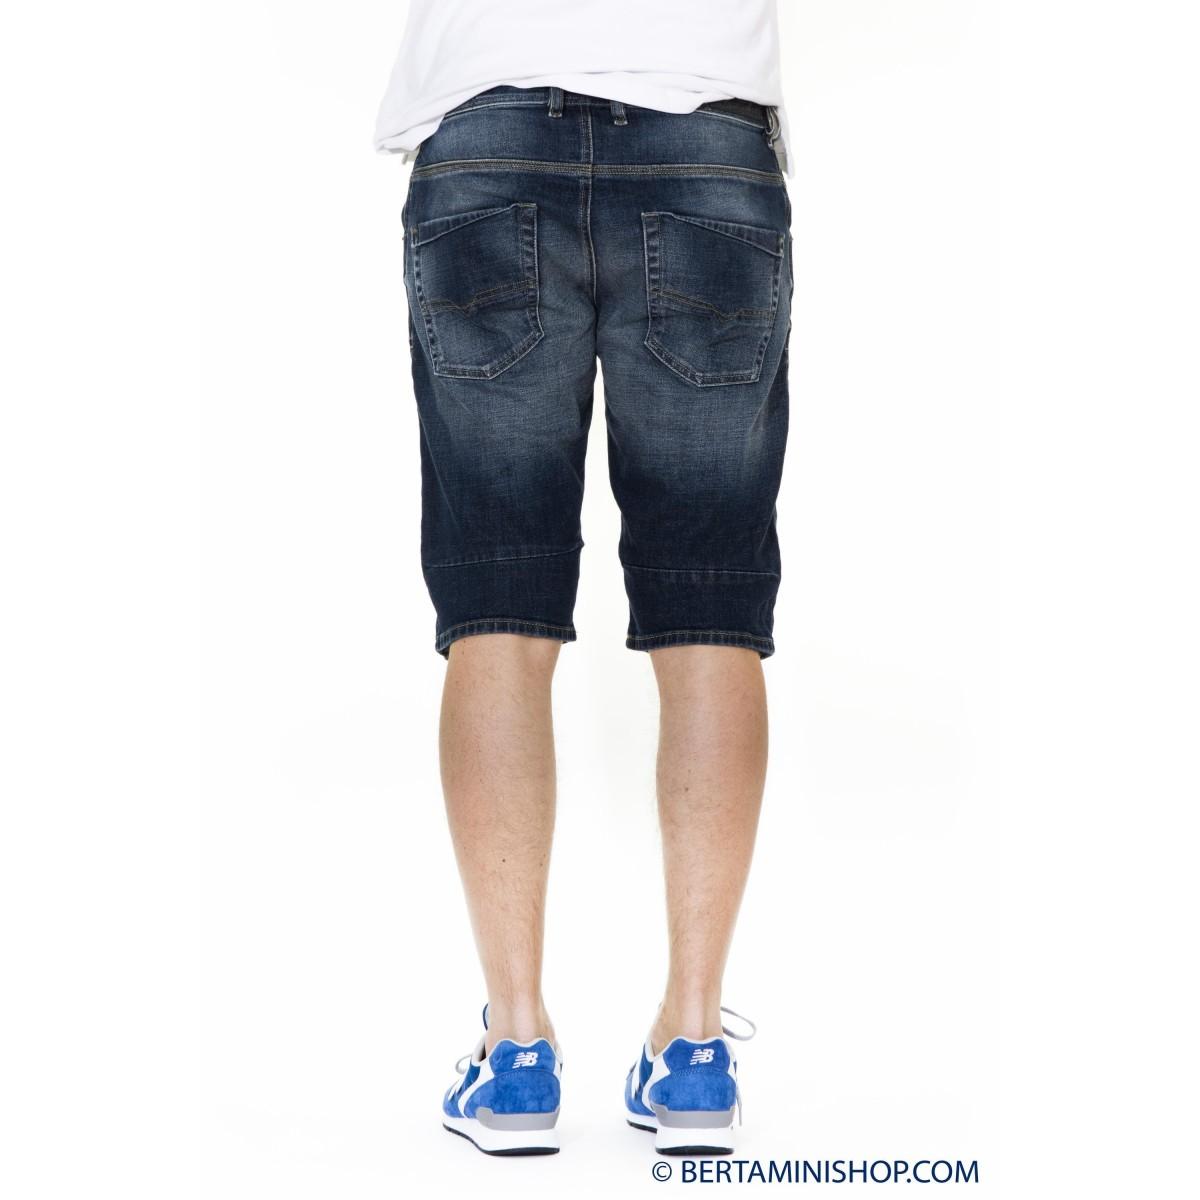 Bermuda Diesel Man - Kroshort Bermuda Jeans